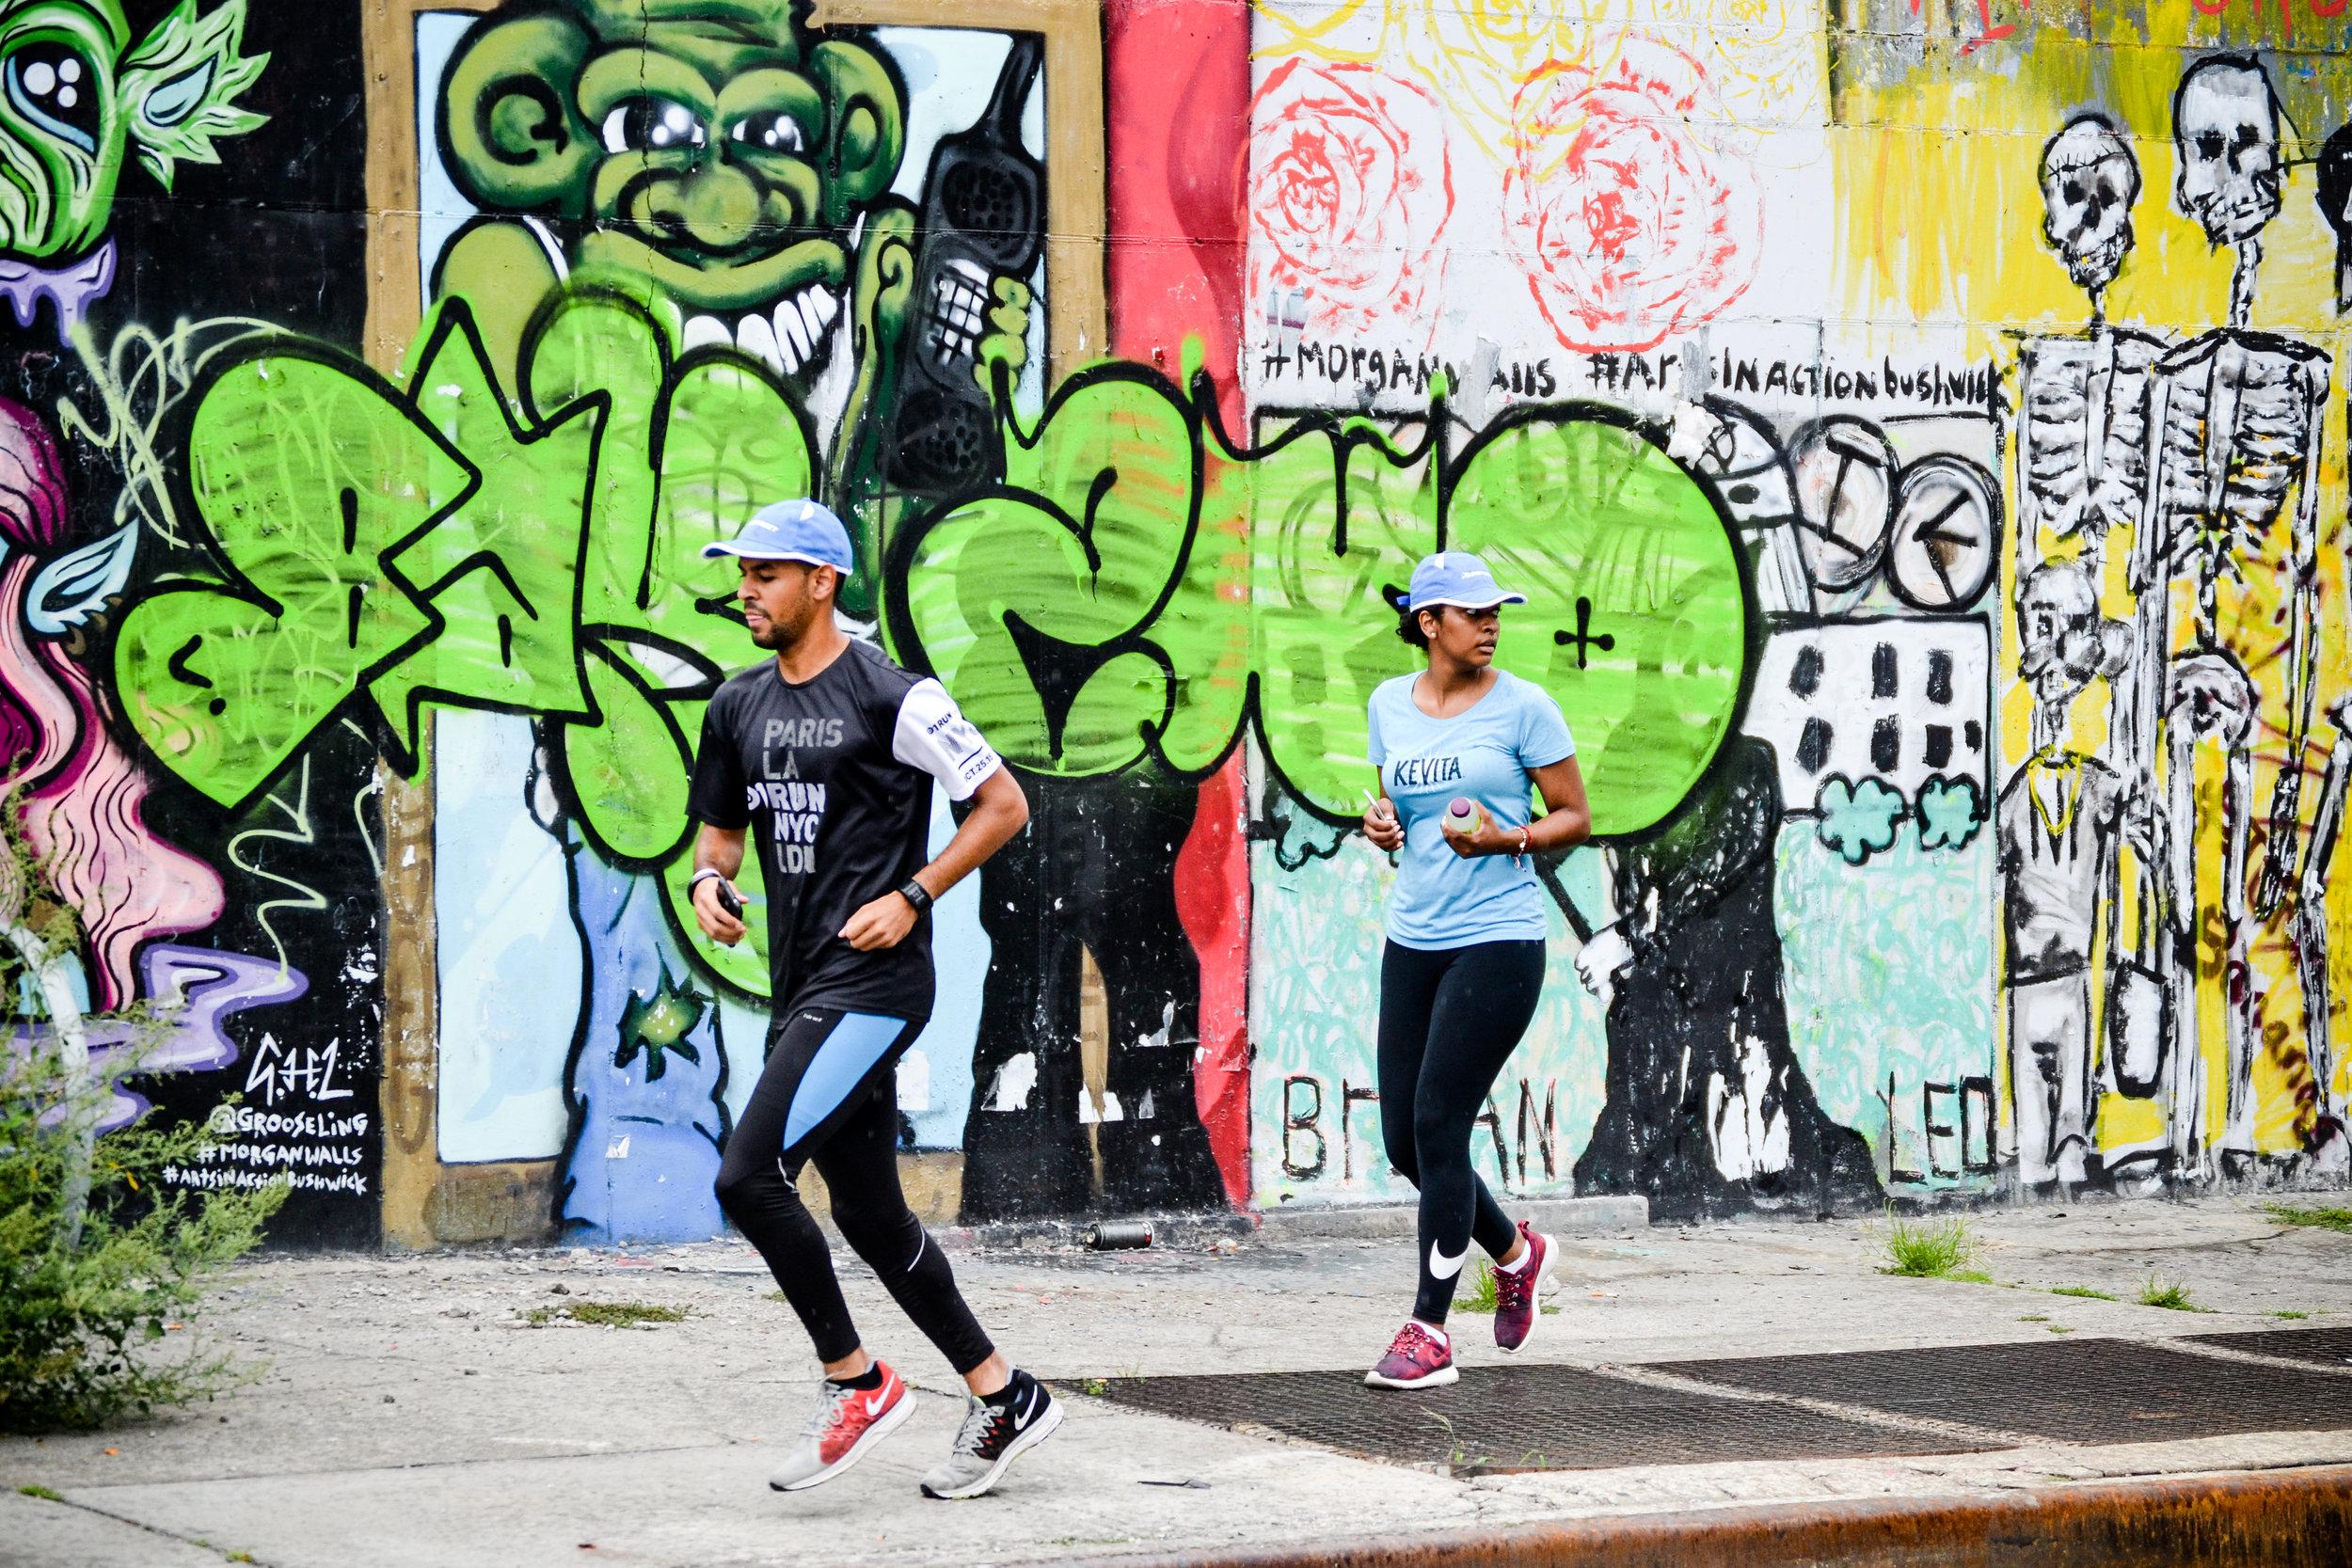 Runstreet Bushwick Art Run photo by  Filles Garcons Photography .